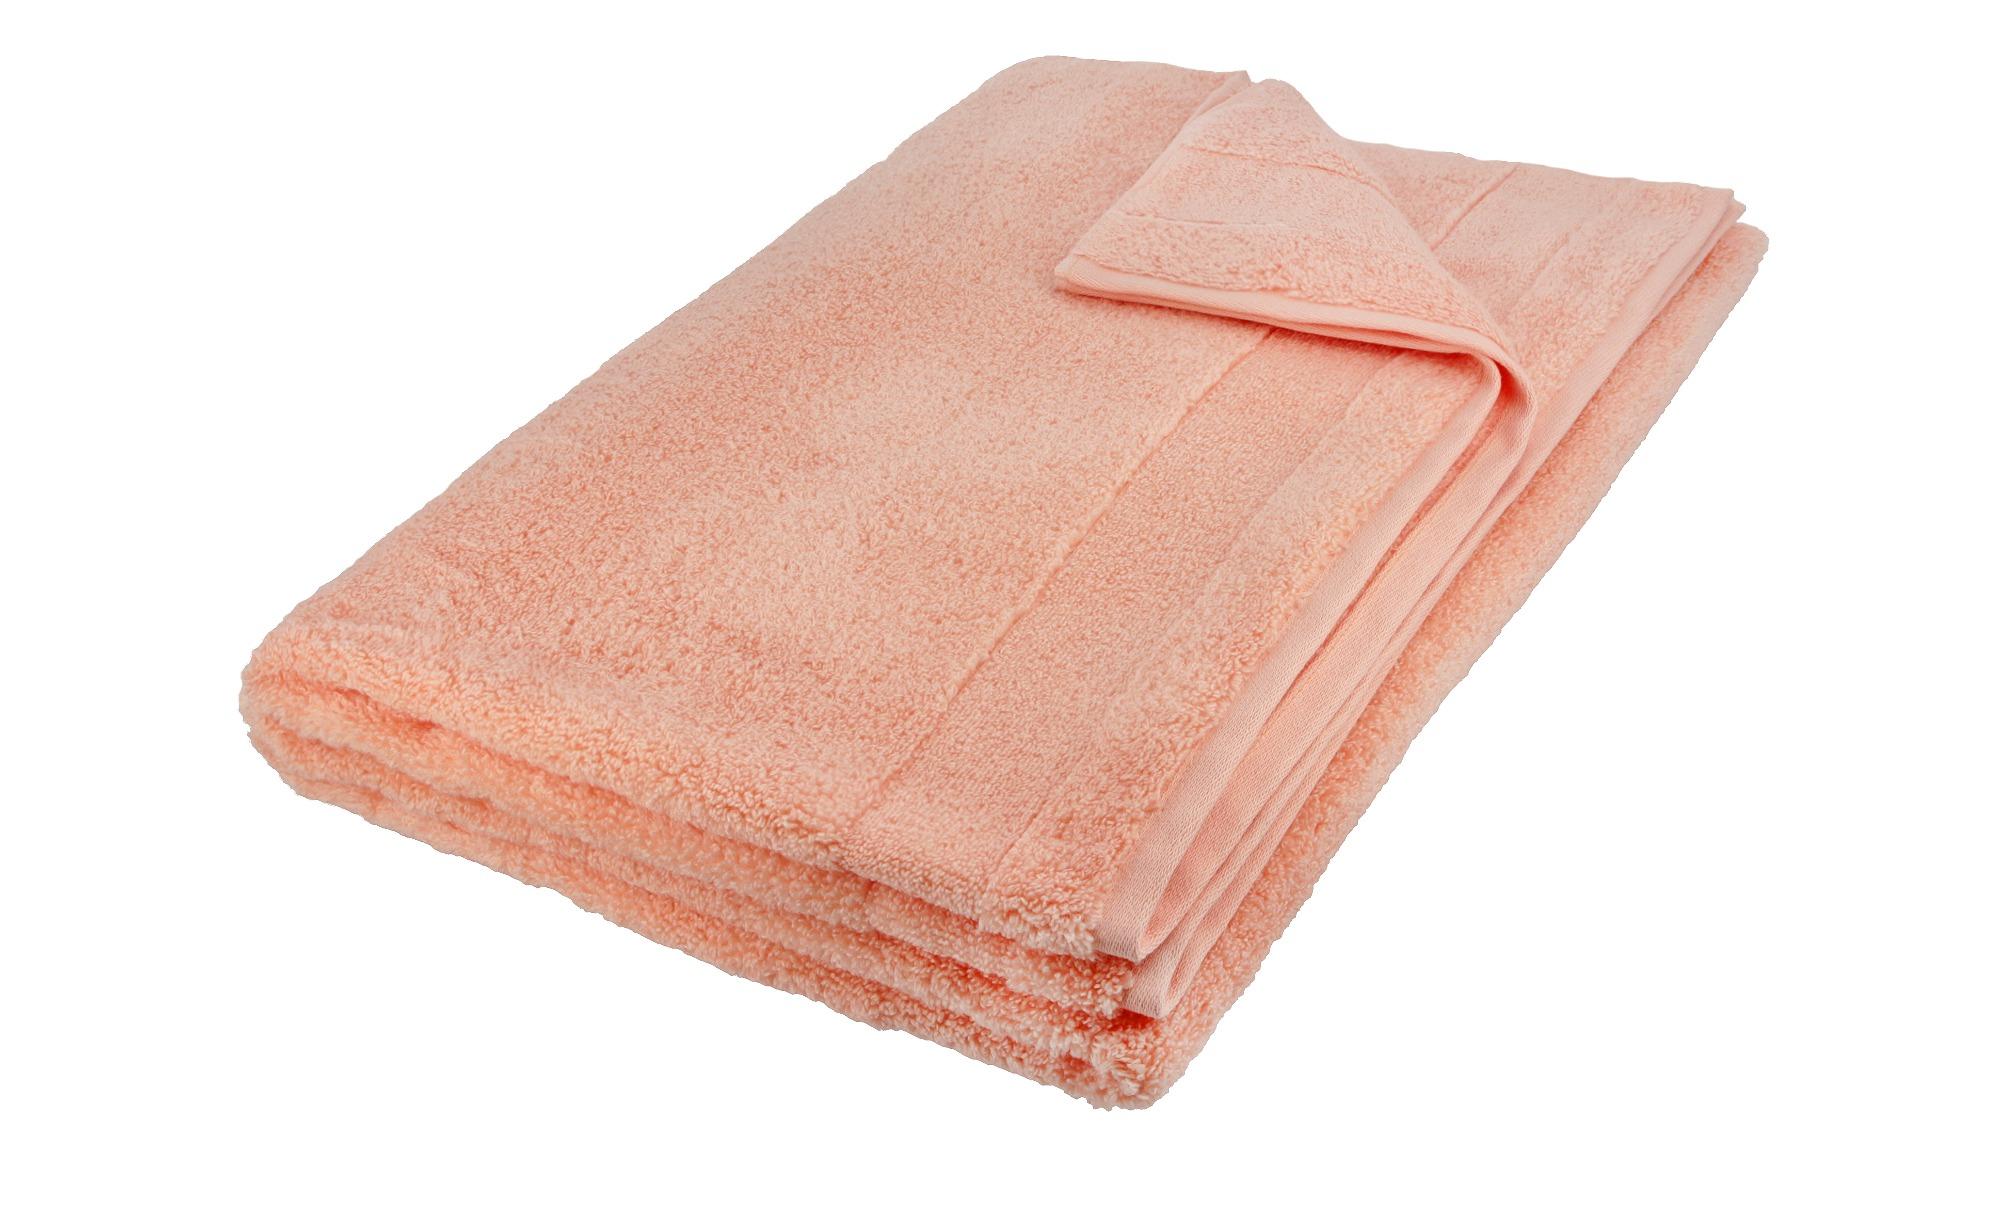 VOSSEN Badetuch  Cloud ¦ orange ¦ 100% Baumwolle ¦ Maße (cm): B: 100 Badtextilien und Zubehör > Handtuch-Sets - Höffner